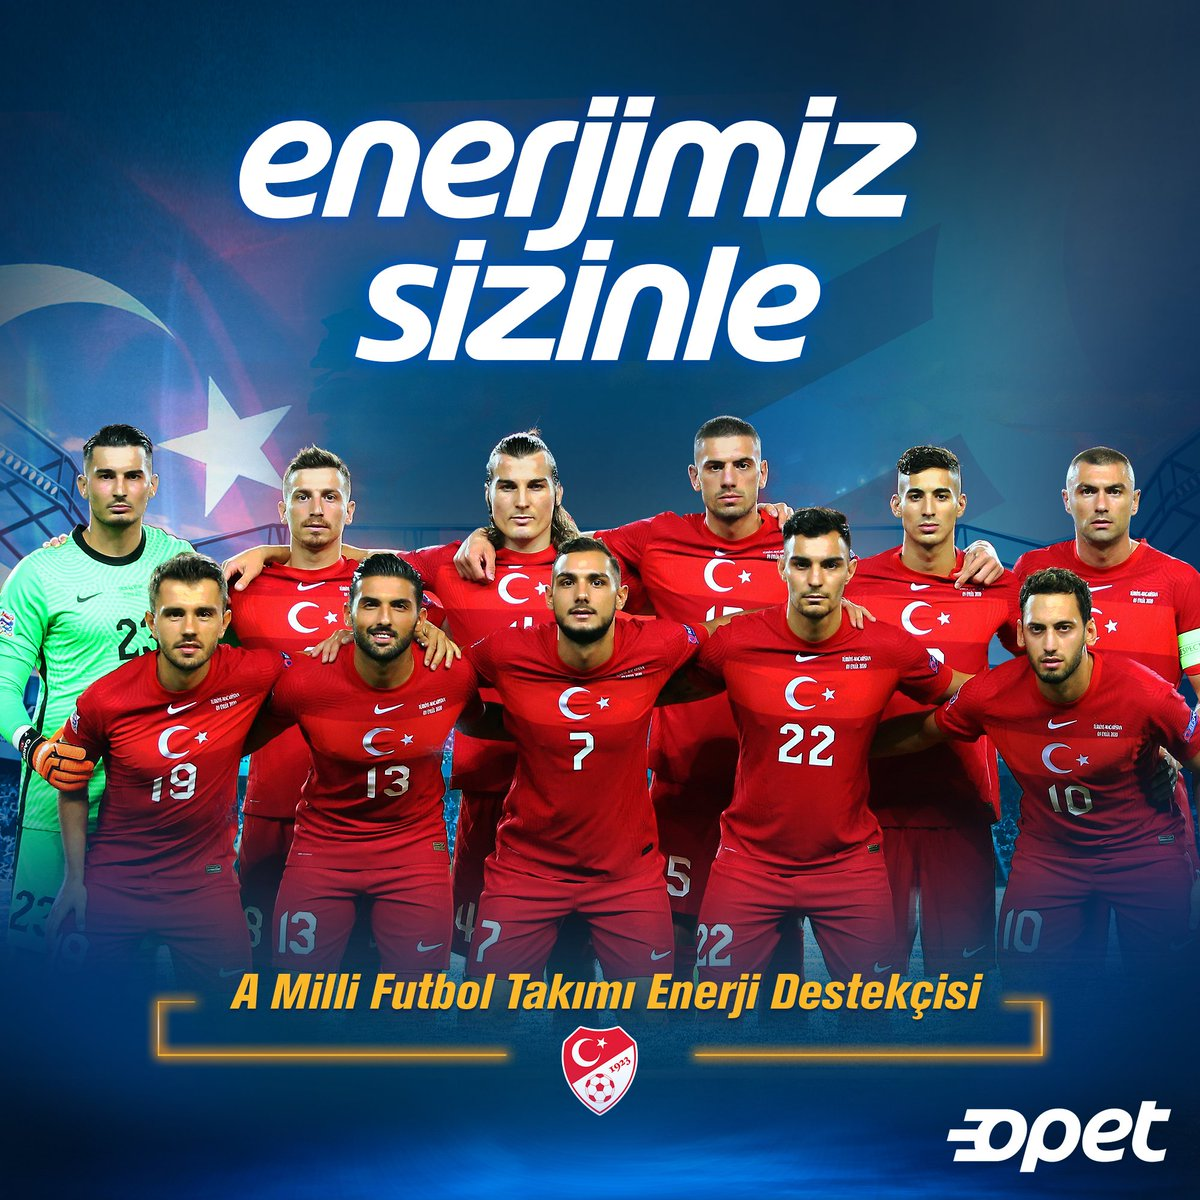 A Milli Futbol Takımımızın Enerji Destekçisi olarak hazırlık maçında Almanya ile 26. kez karşılaşacak olan millilerimize başarılar dileriz. https://t.co/erHCcfcosW